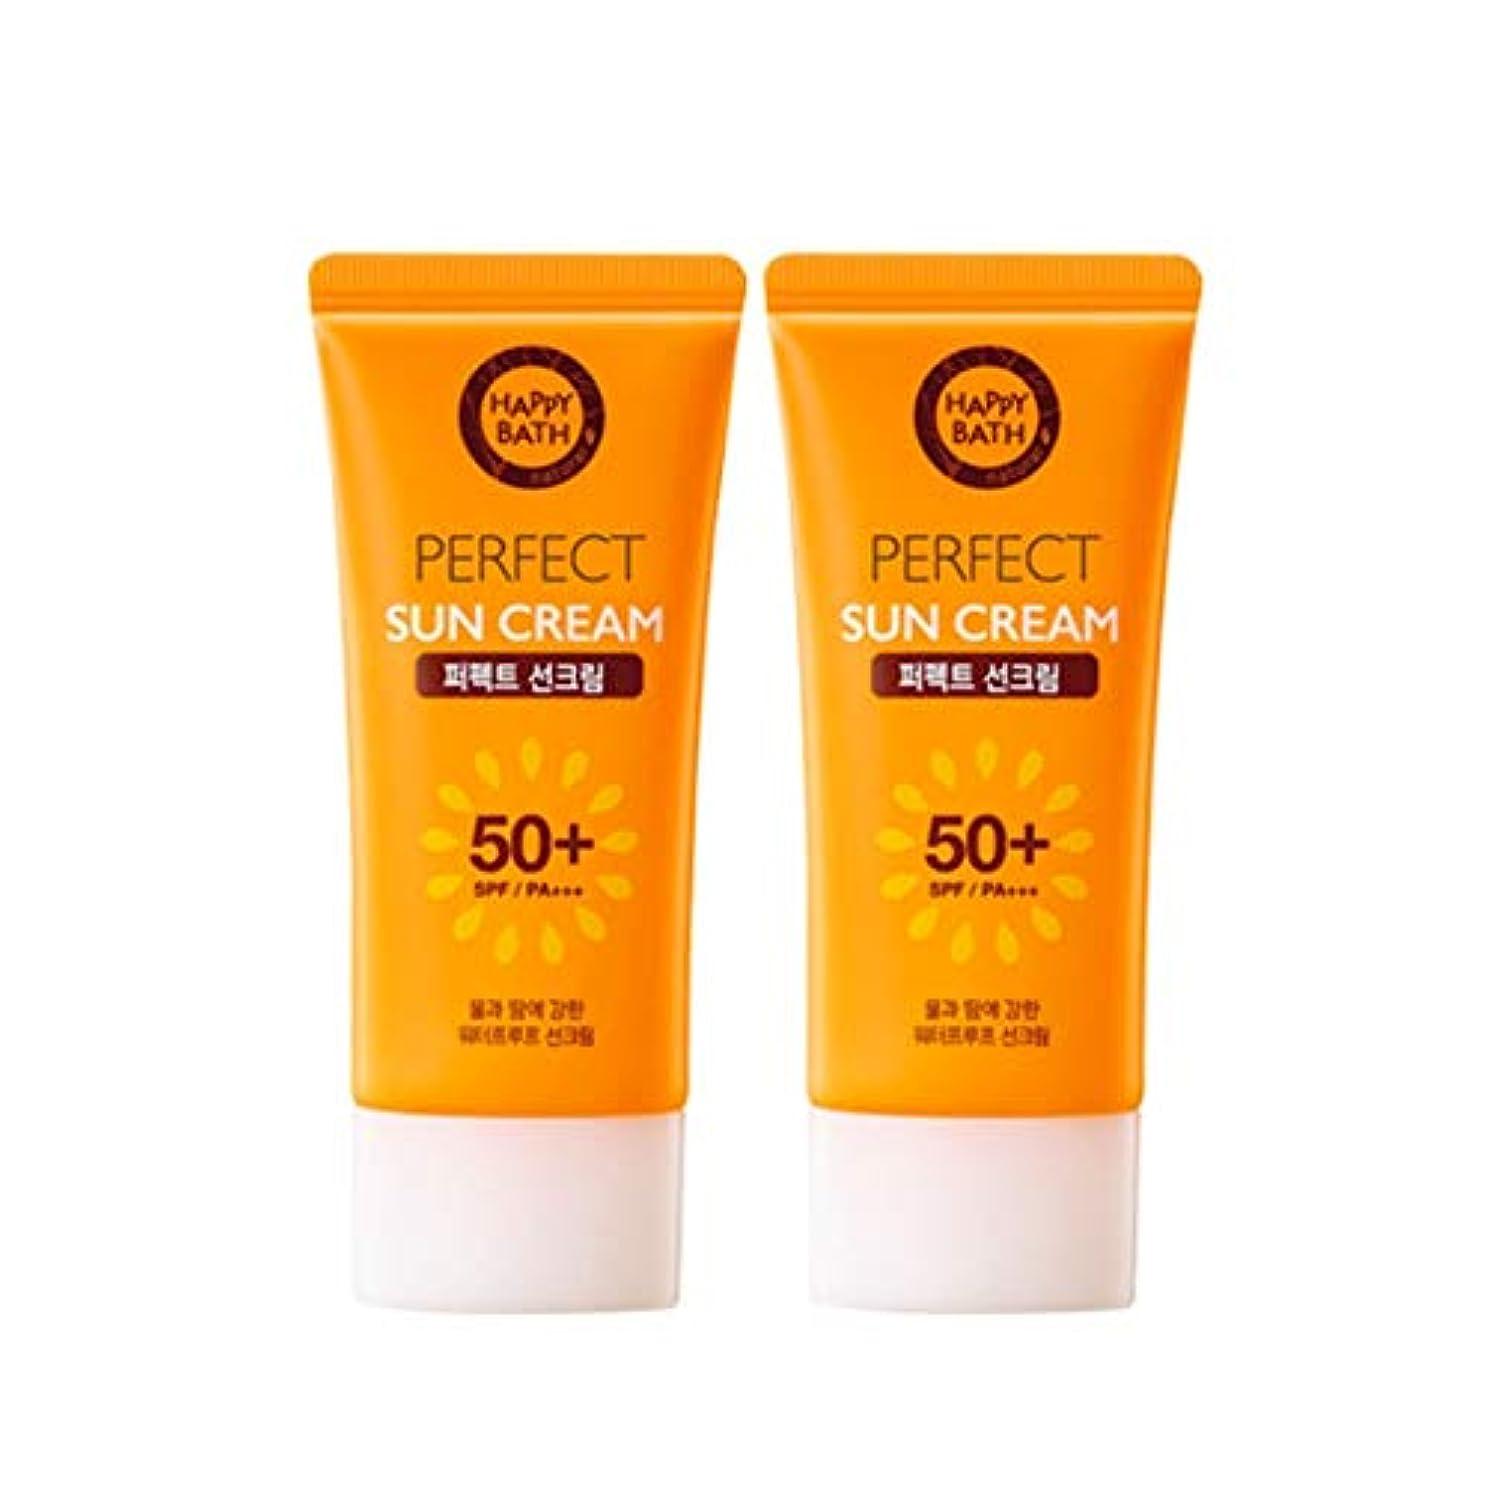 レンディション分泌するケニアハッピーバスパーフェクトサンクリーム 80gx2本セット韓国コスメ、Happy Bath Perfect Sun Cream 80g x 2ea Set Korean Cosmetics [並行輸入品]